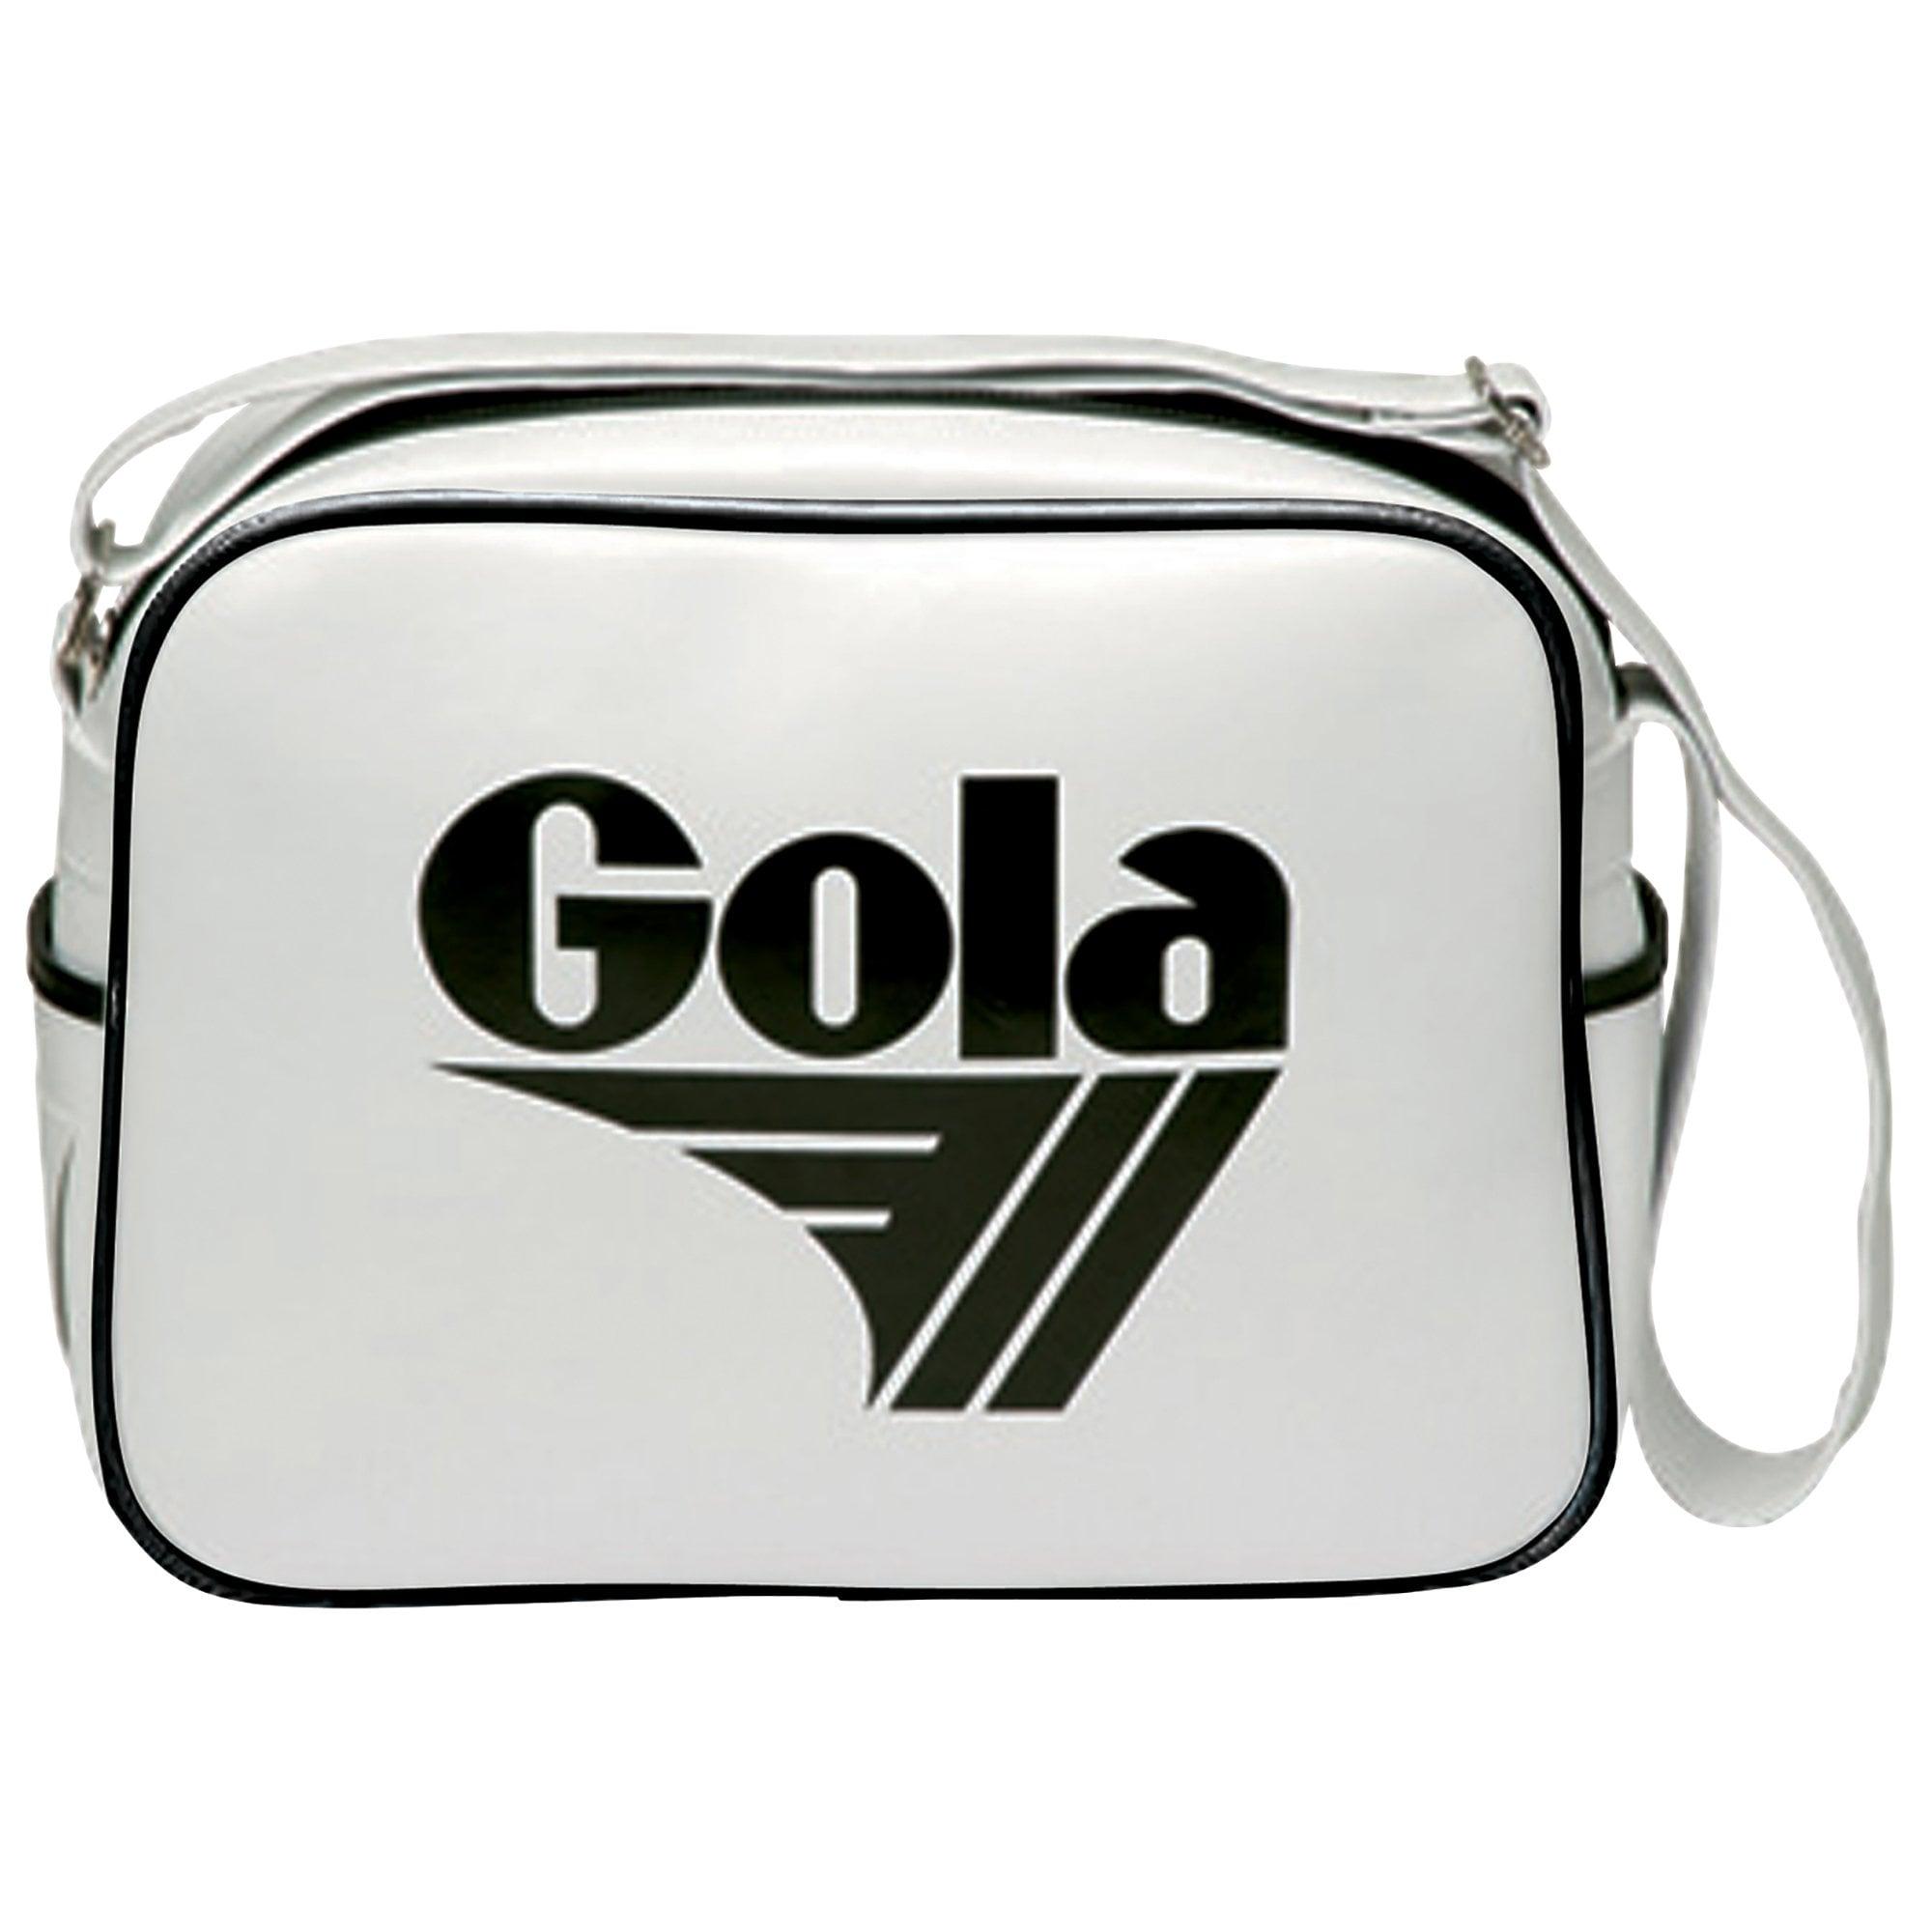 Redford Messenger Bag